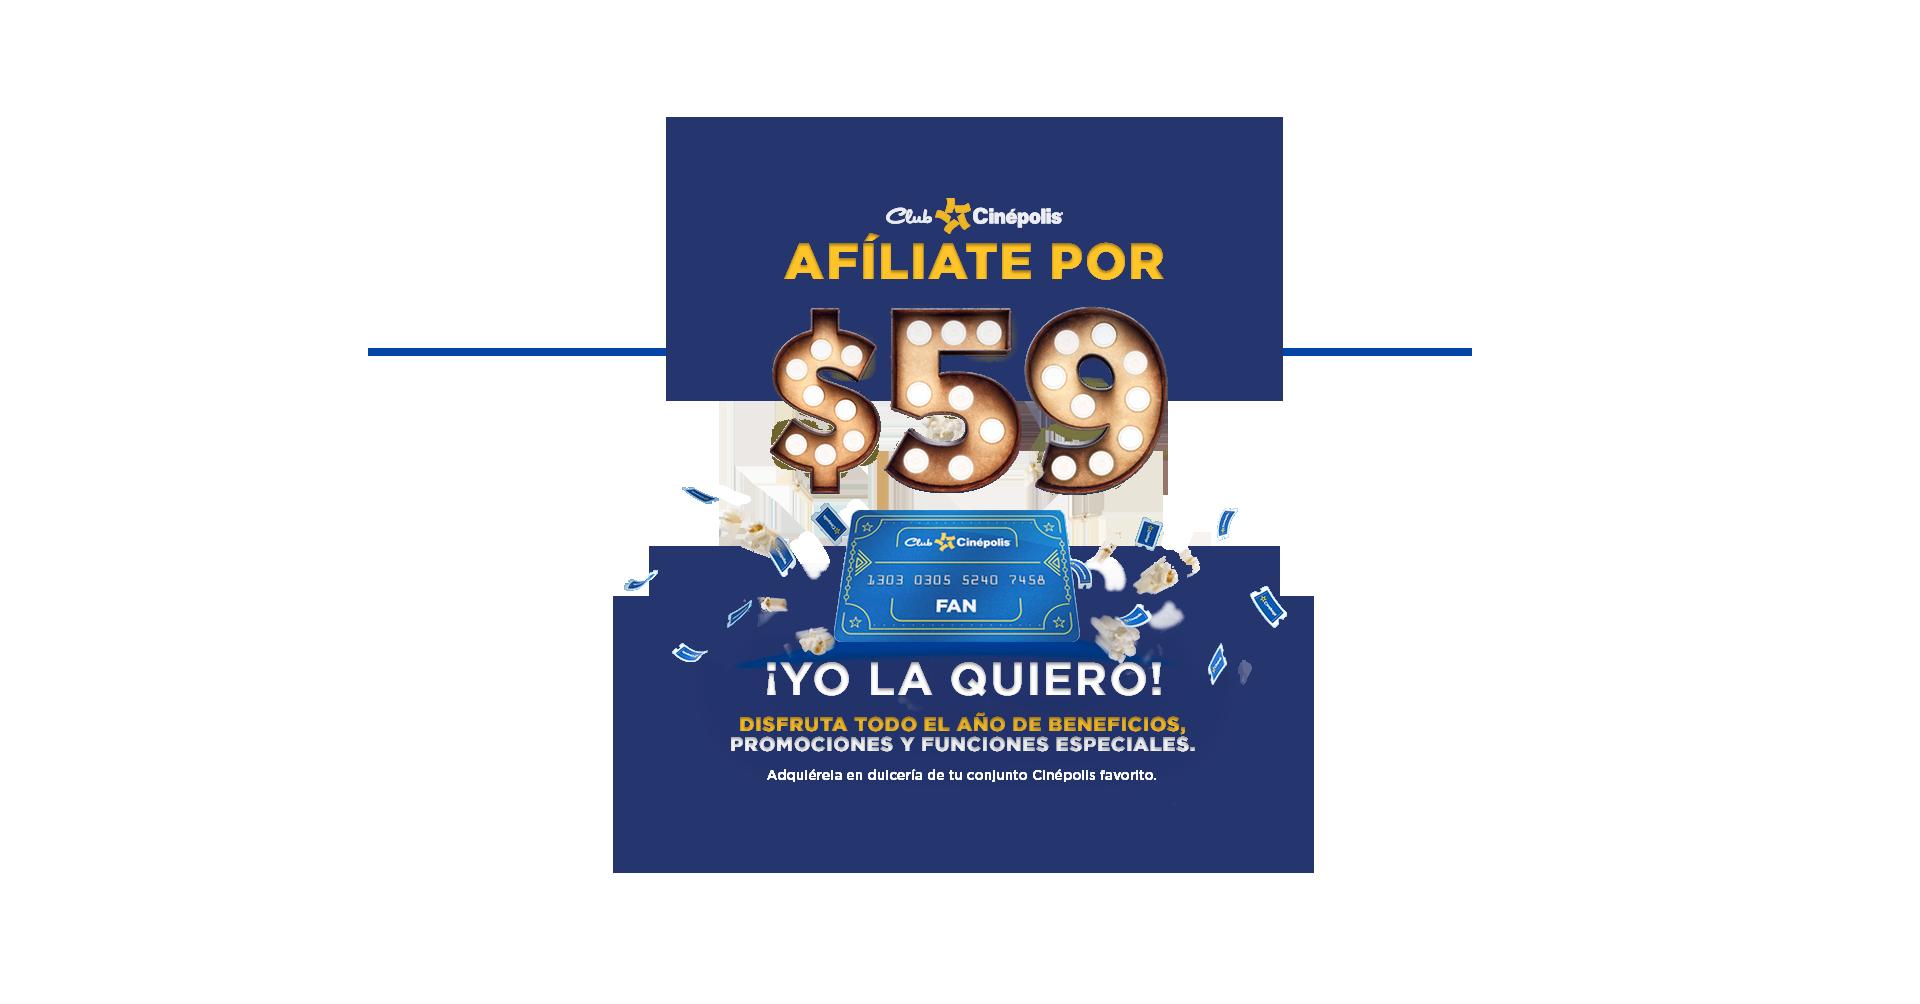 Afíliate por 59 pesos